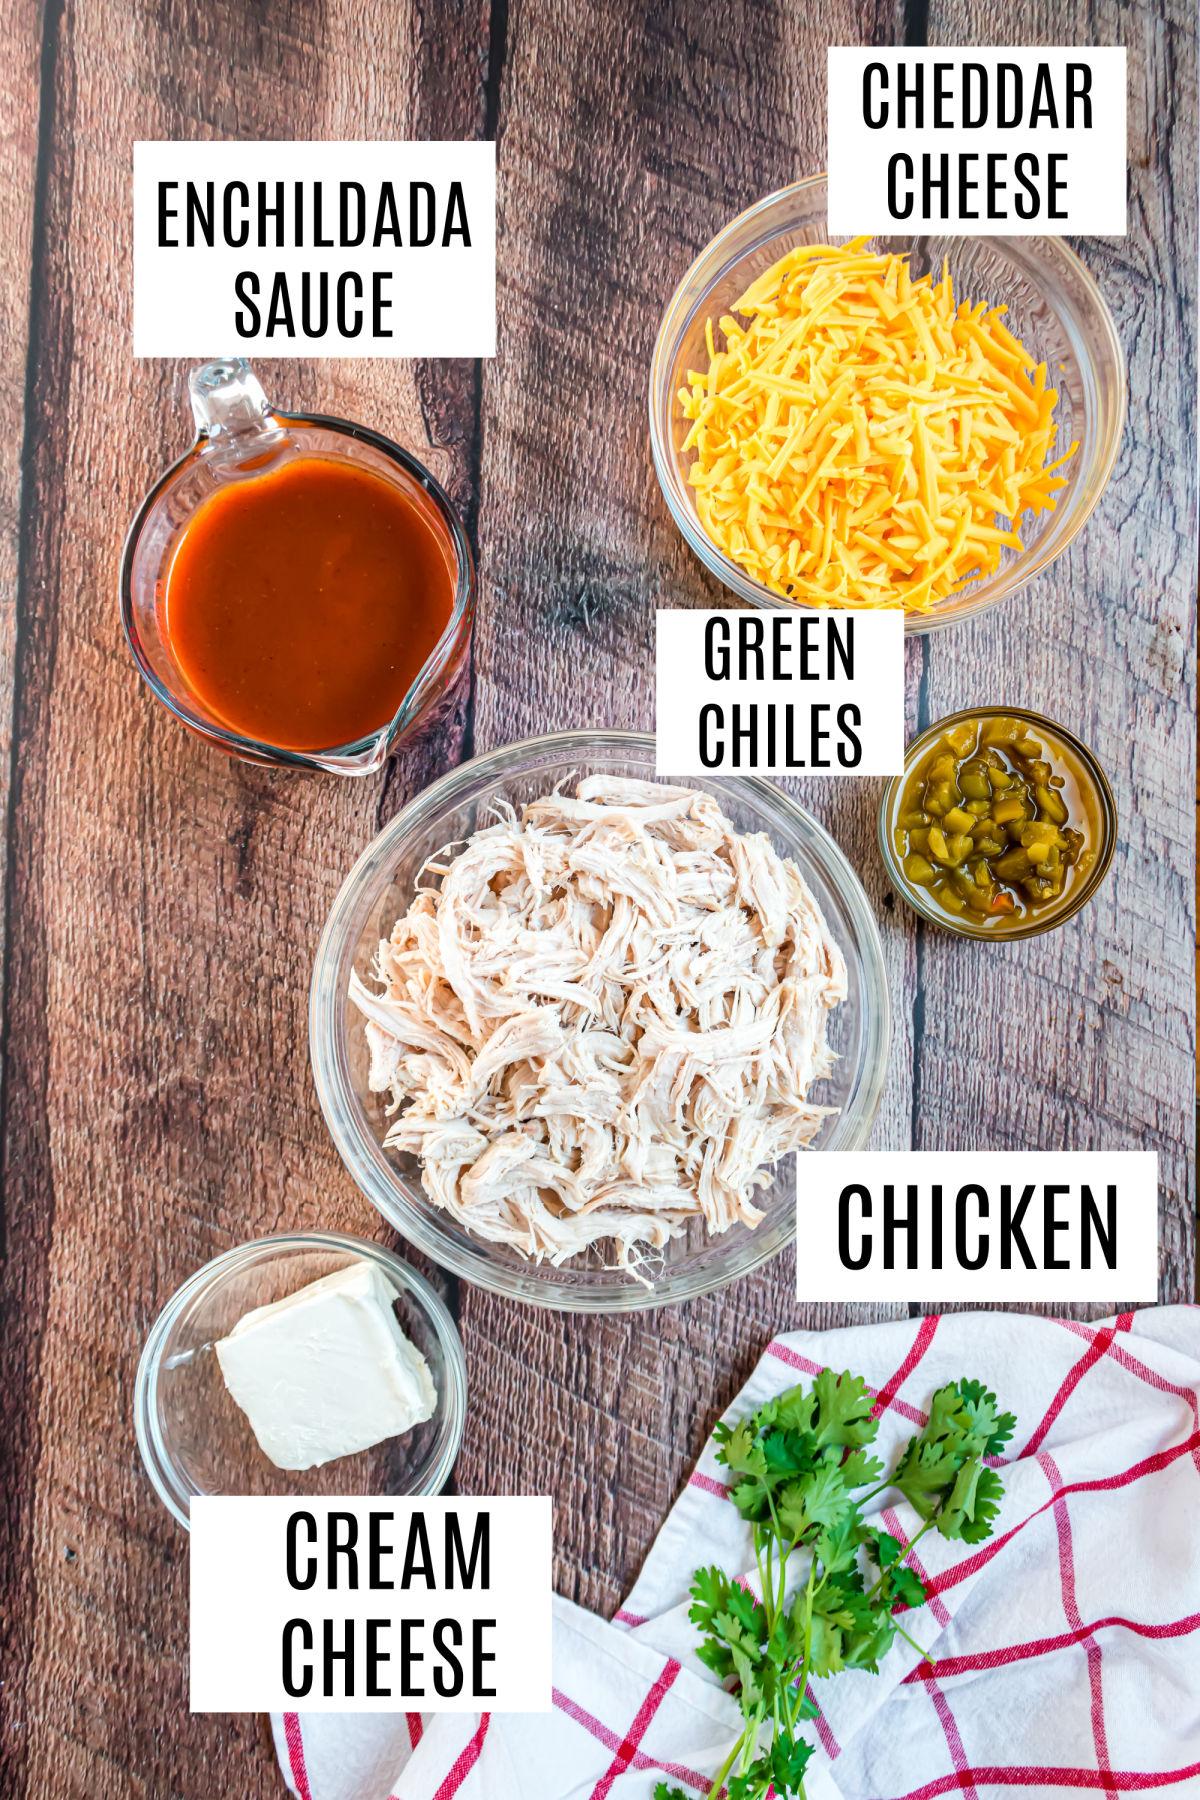 Ingredients needed to make chicken enchilada casserole recipe.